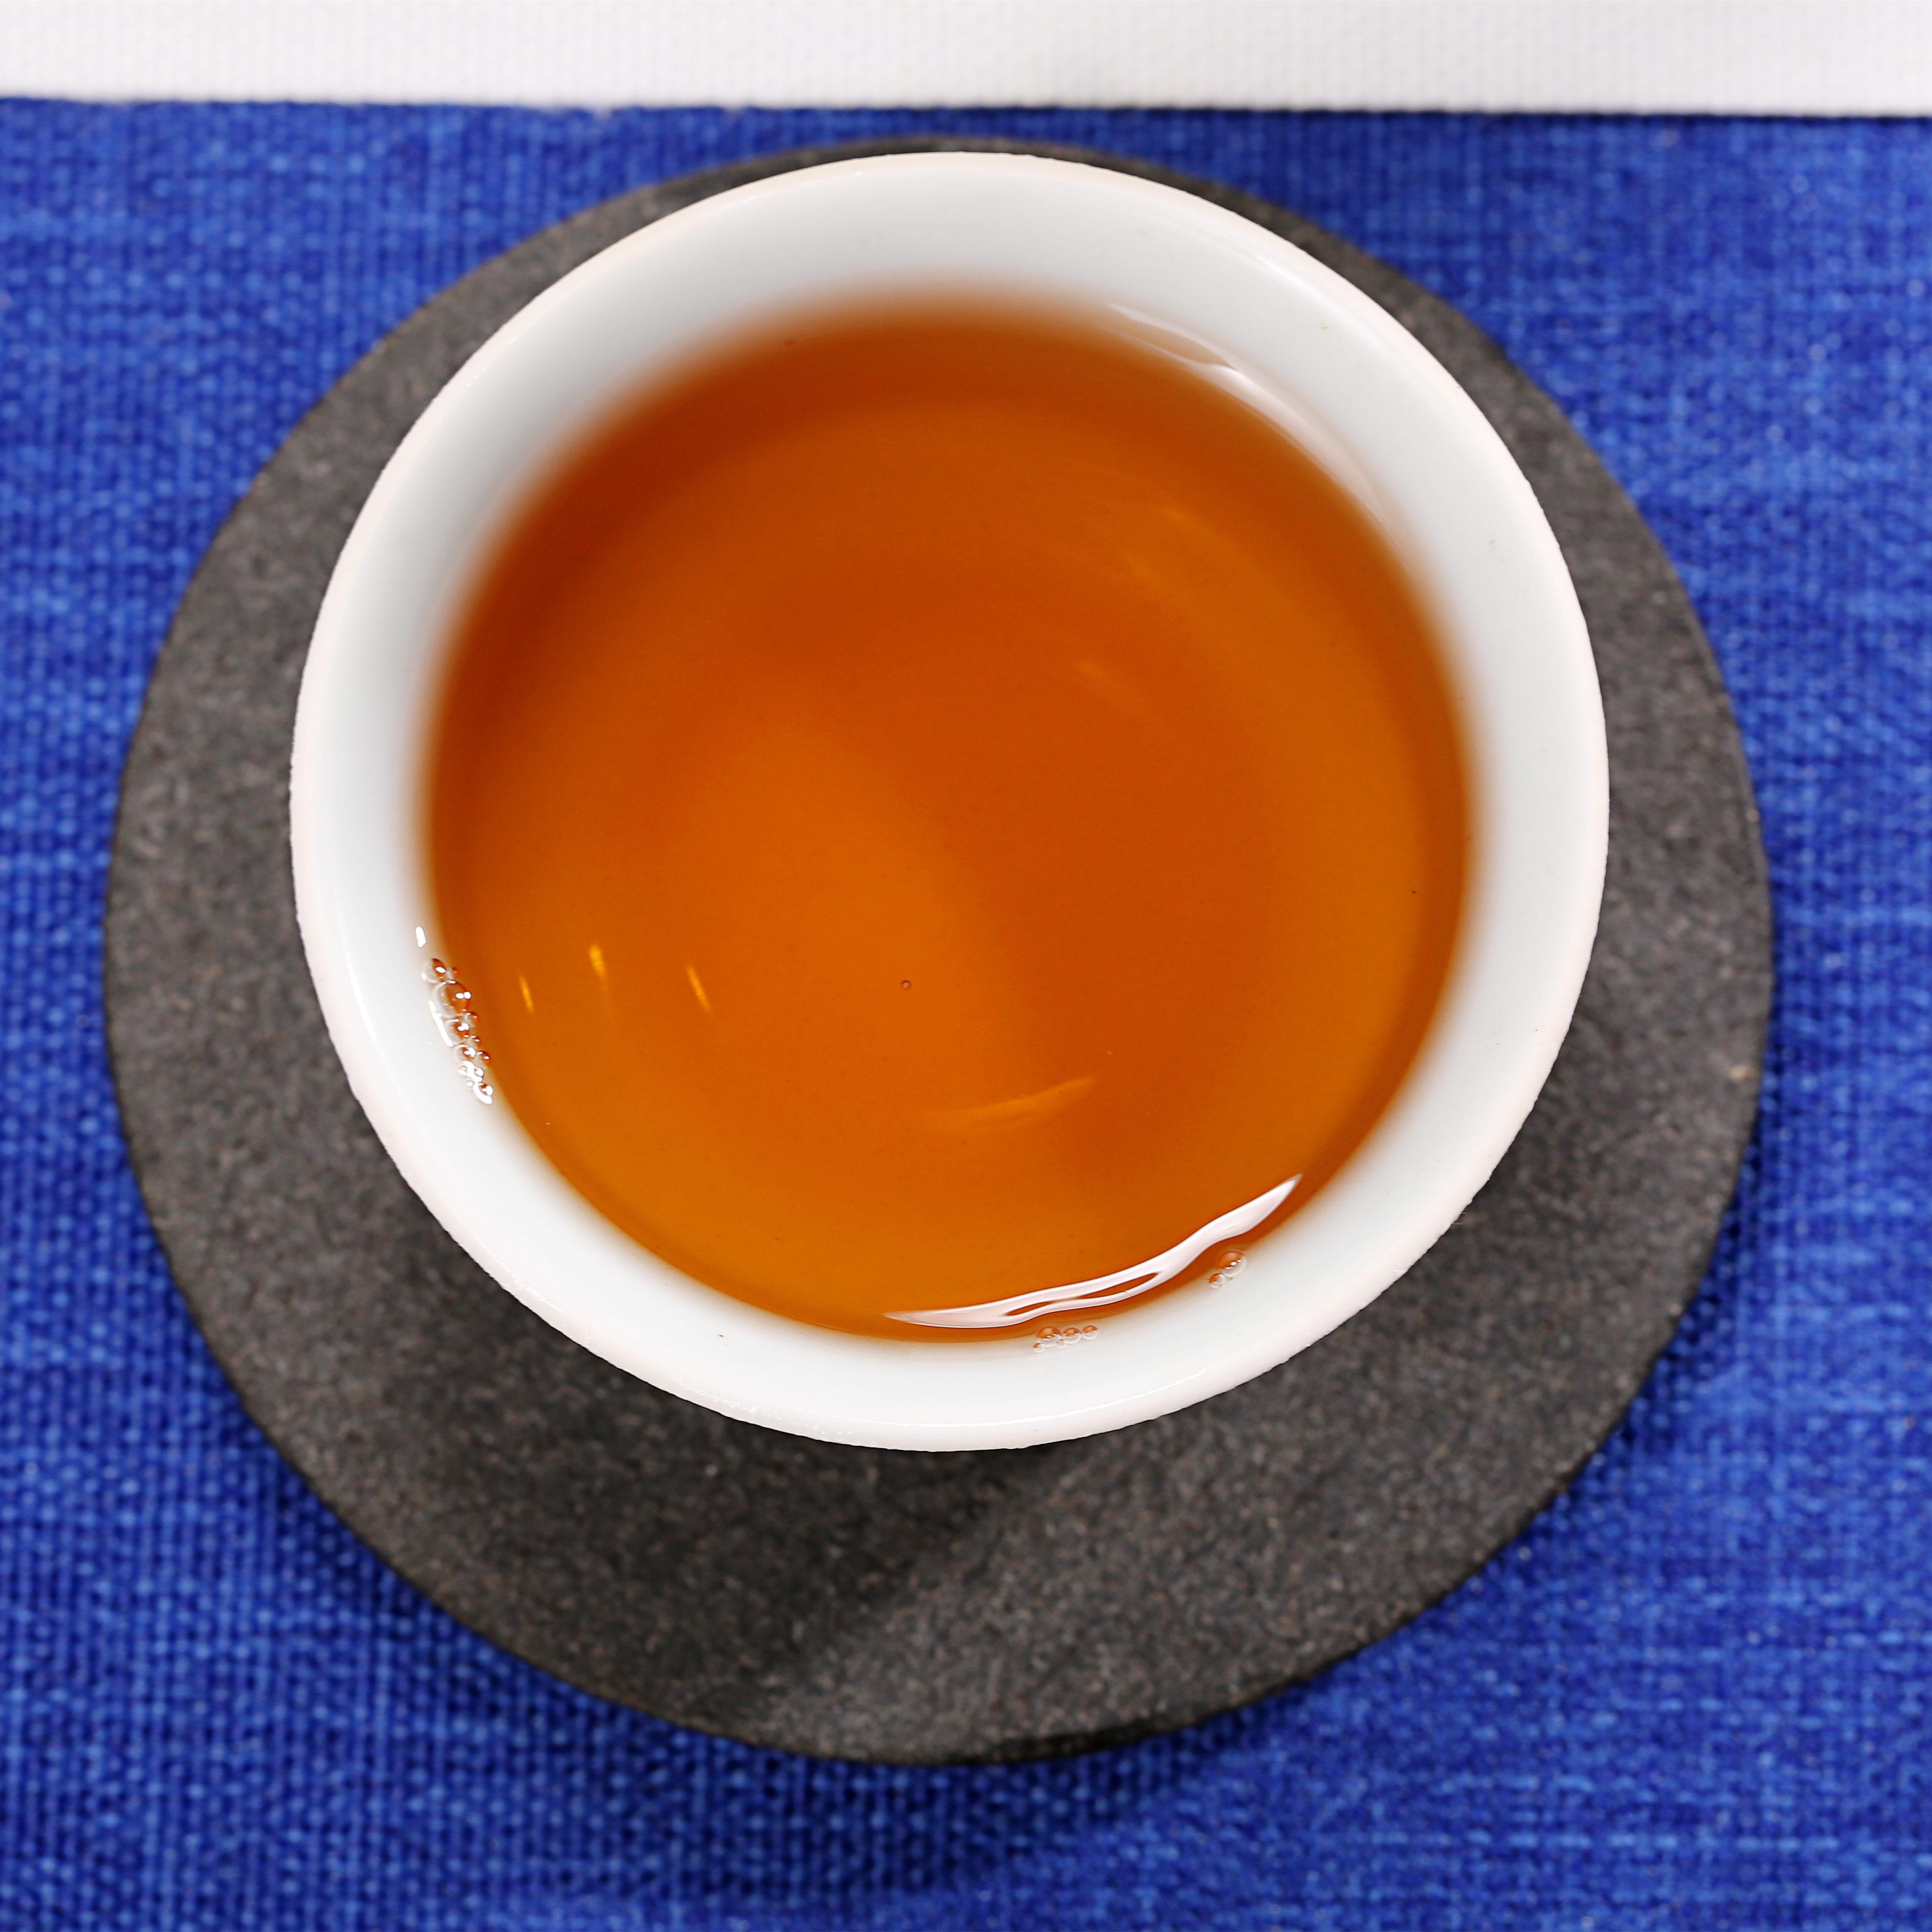 黑乌龙茶木炭技法油切浓香型安溪乌龙茶厂家直销谦润茗茶